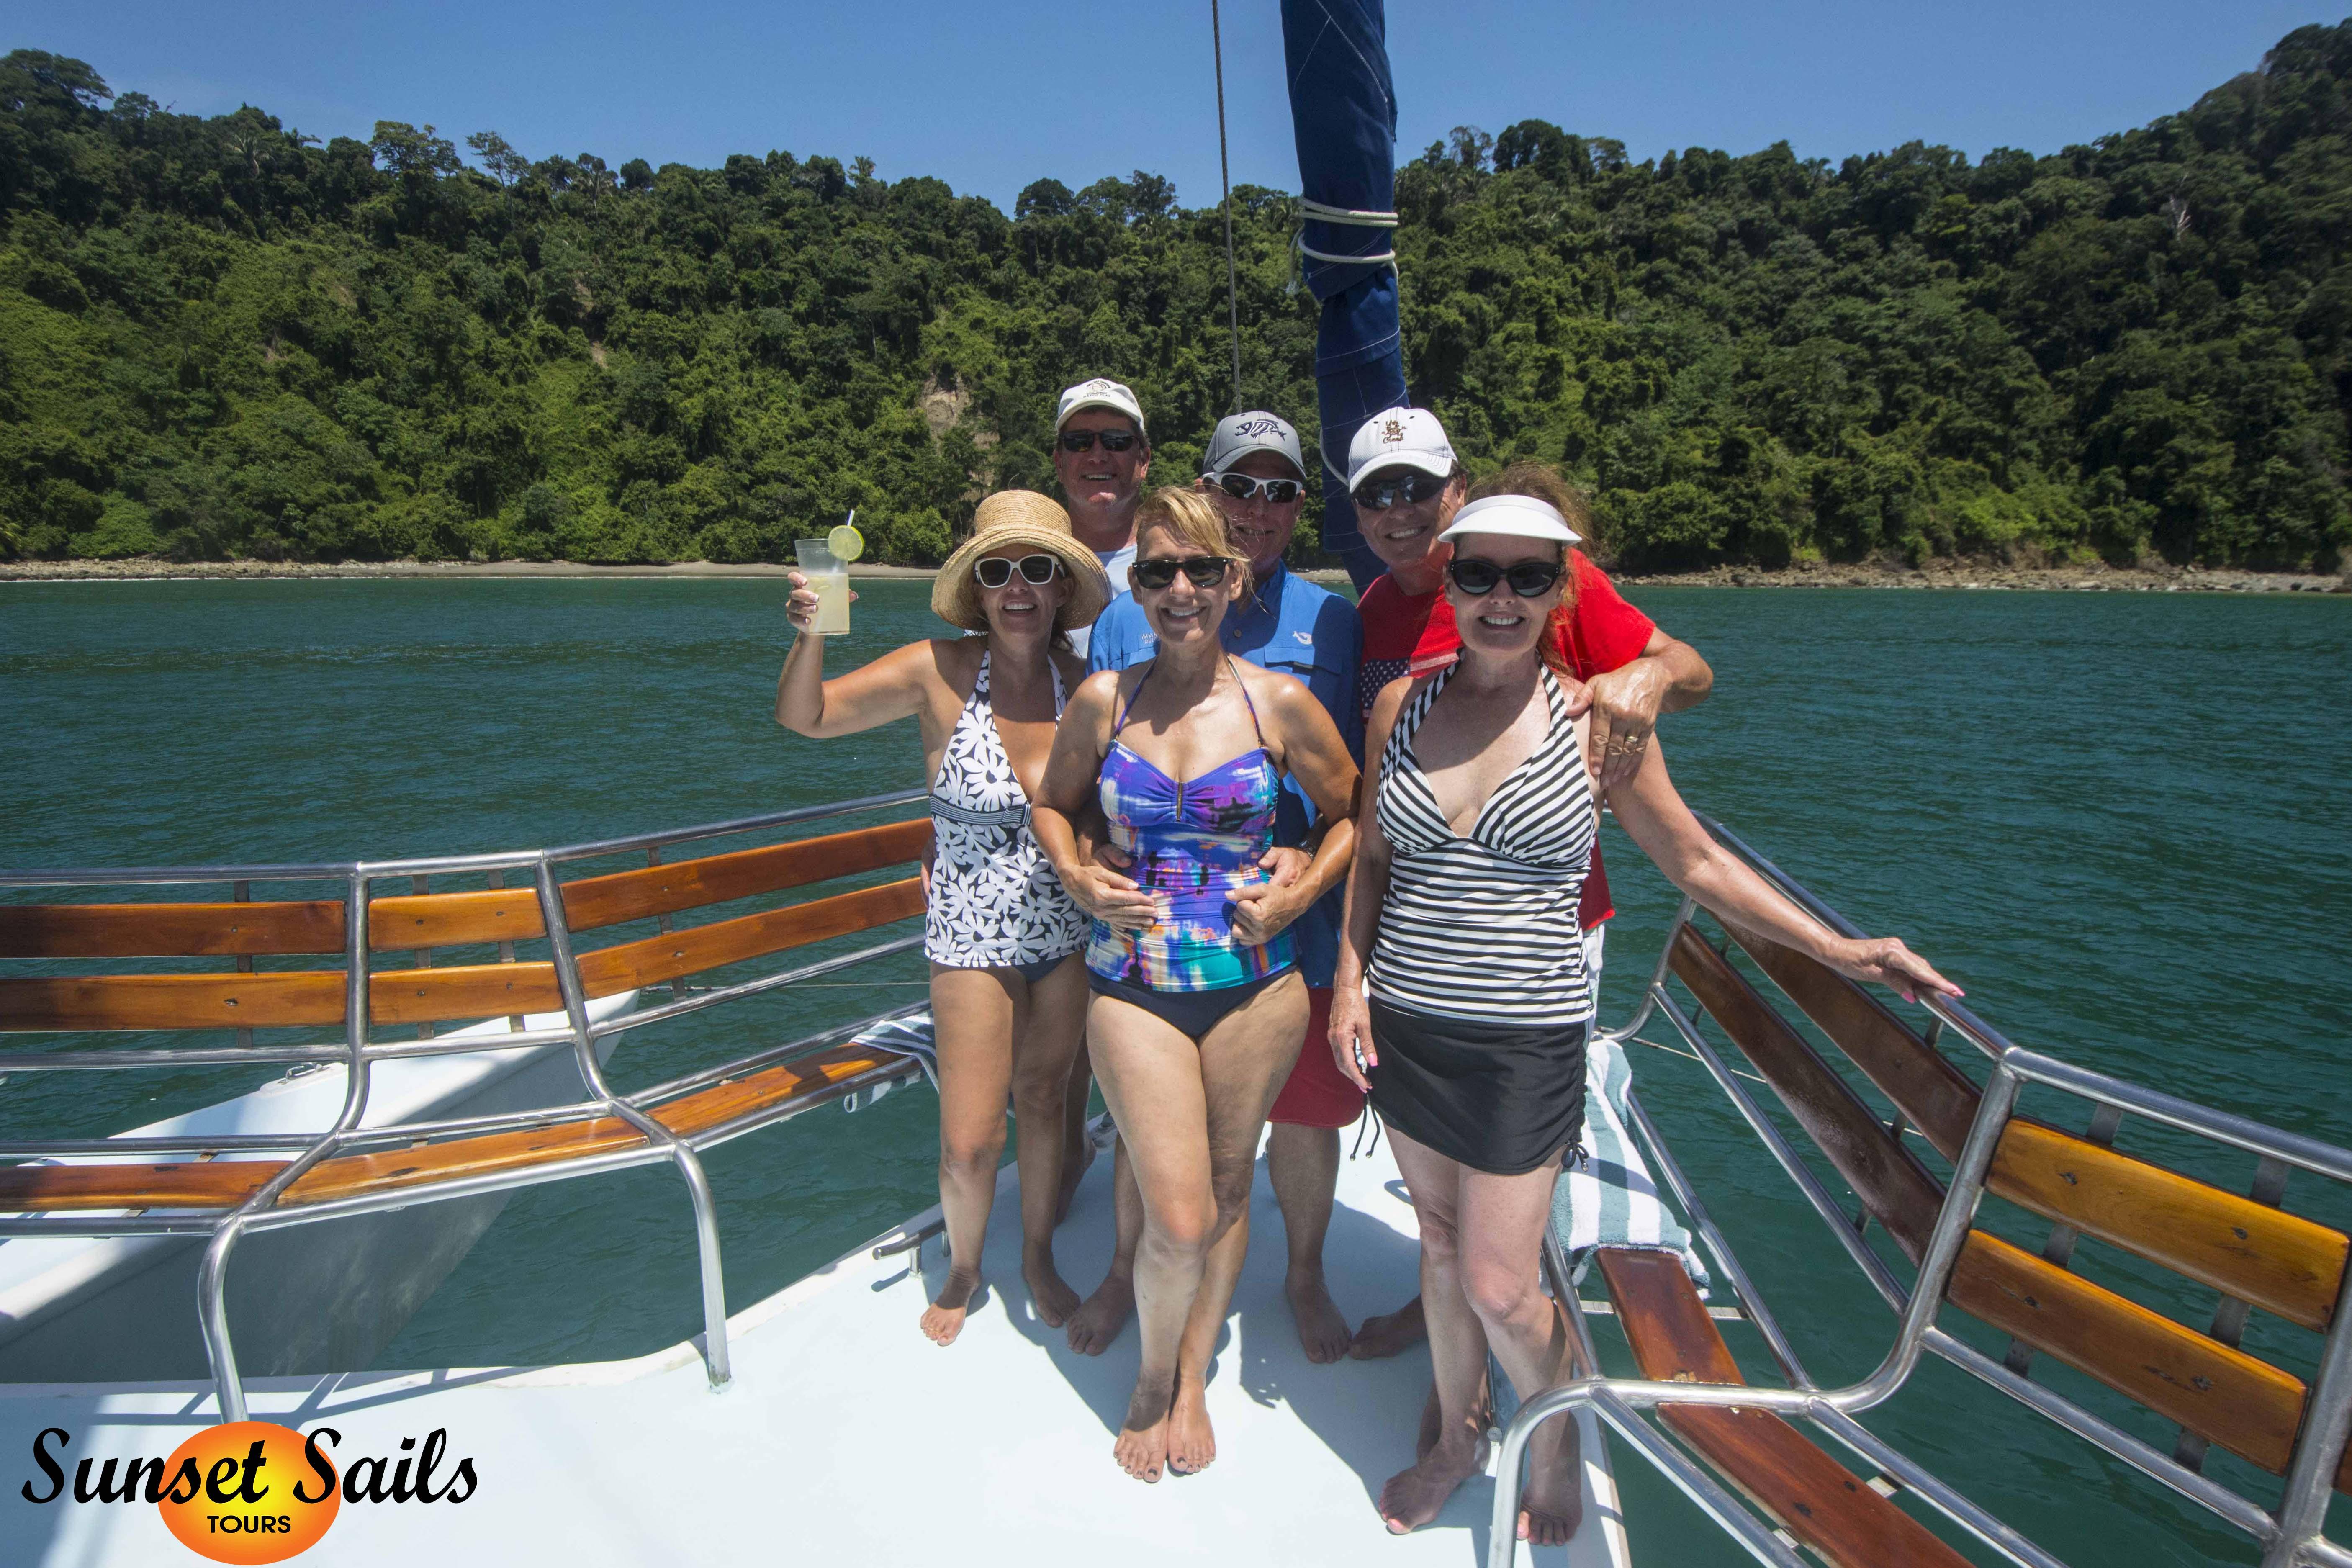 catamaran_sail_boat_tour_in_manuel_antonio,_catamaran_tour,_trimaran_tour,_las_cascadas_the_falls,_c